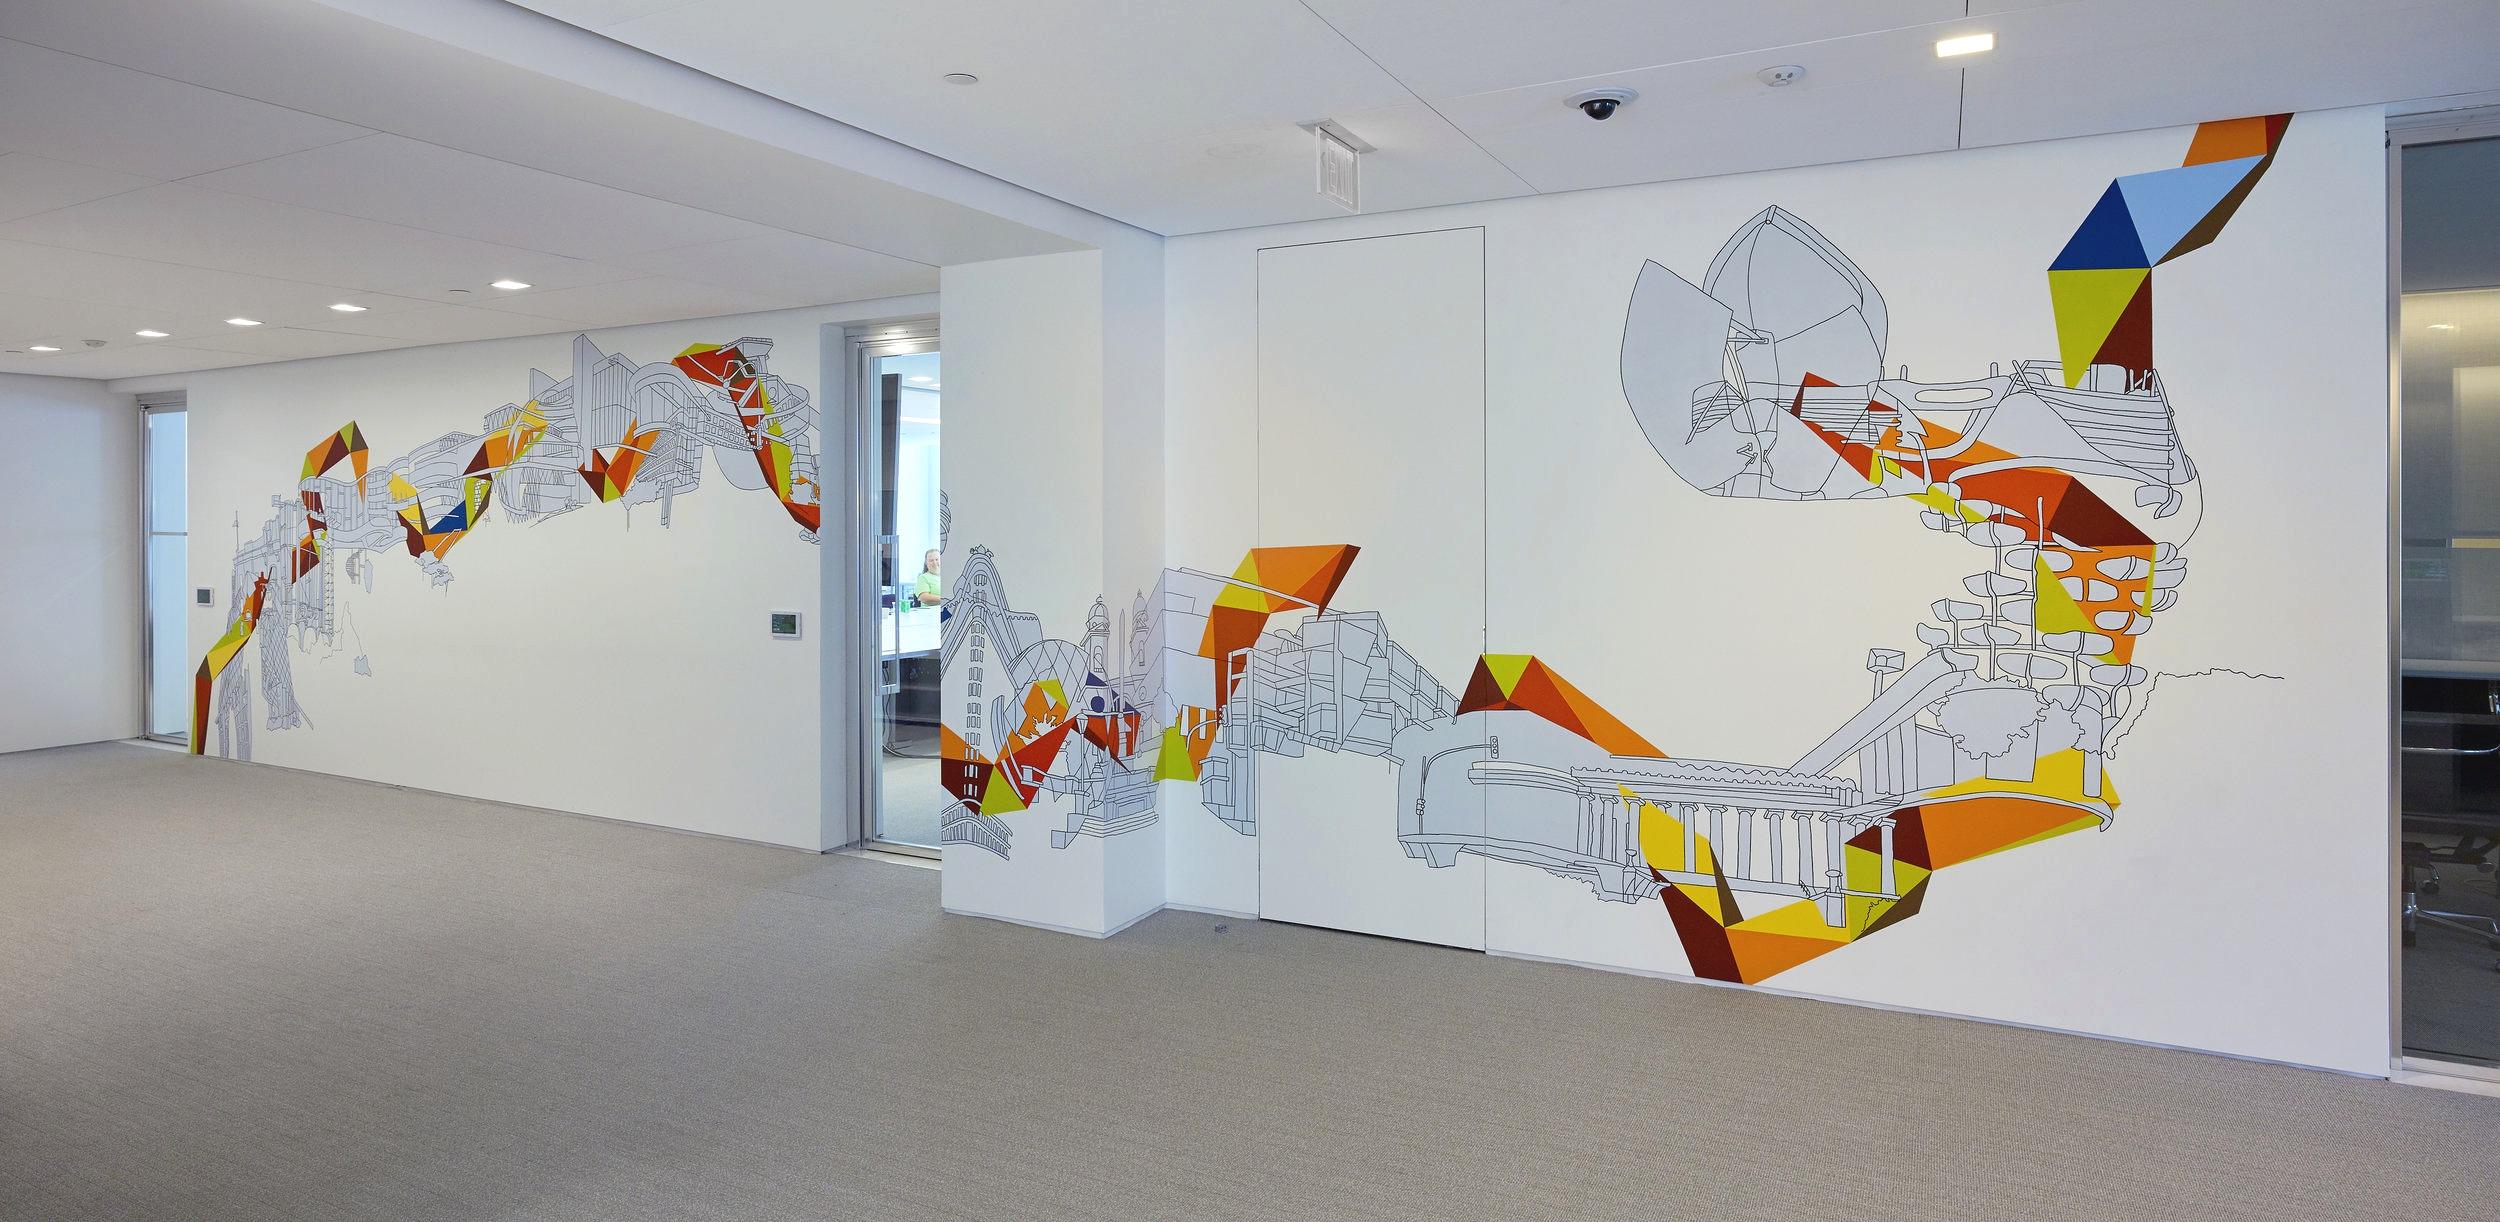 Wall Drawings Kim Schoenstadt